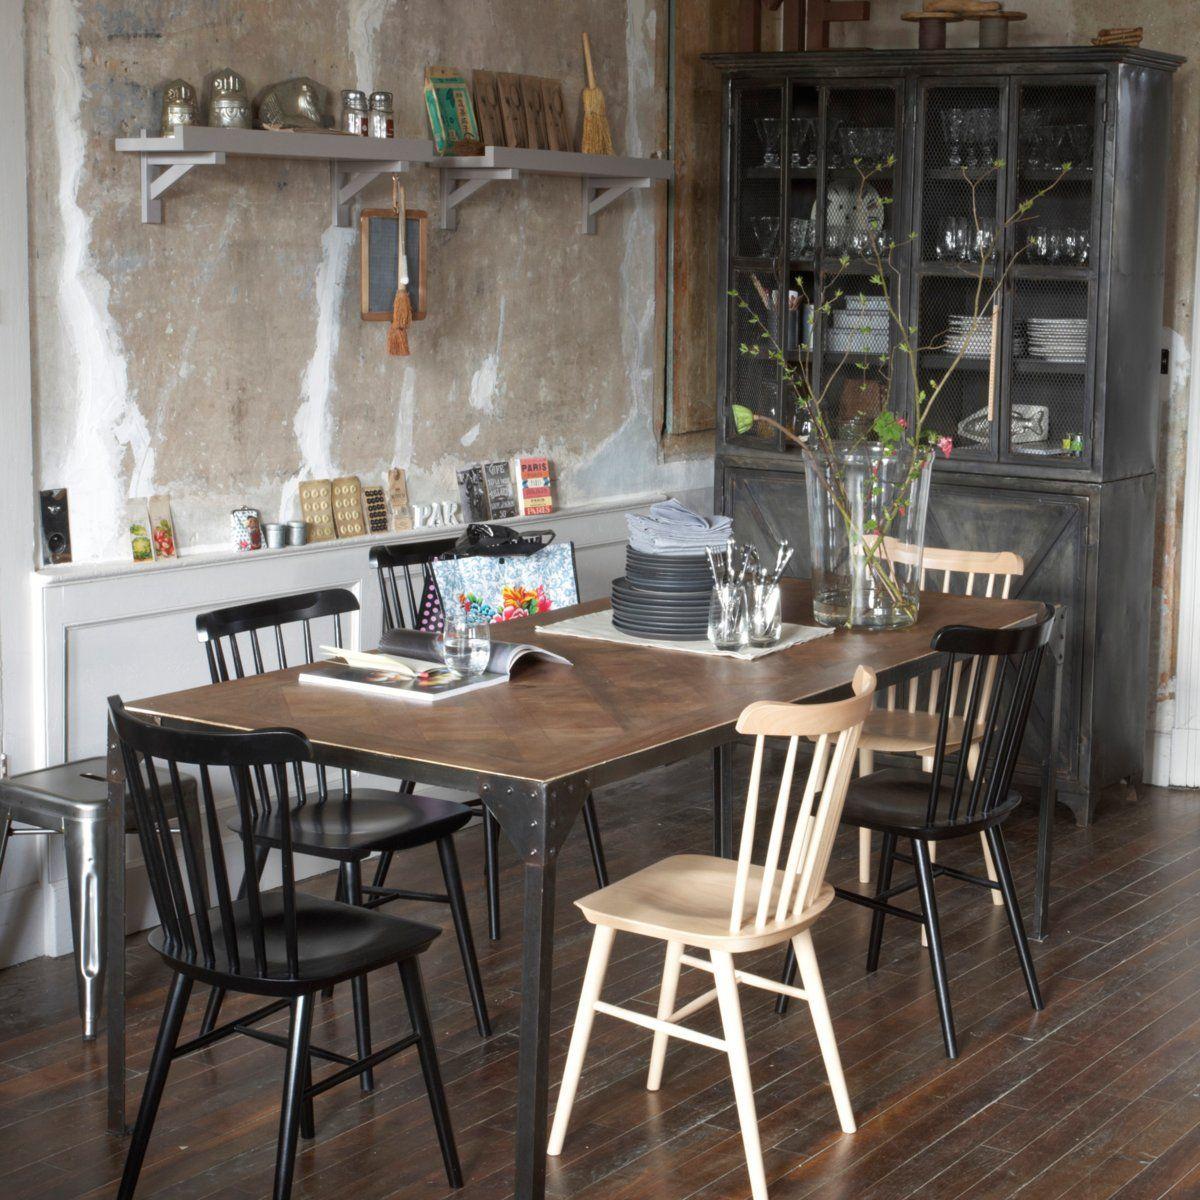 Table Bois Et Metal Sofia Am Pm Salle A Manger Style Industriel